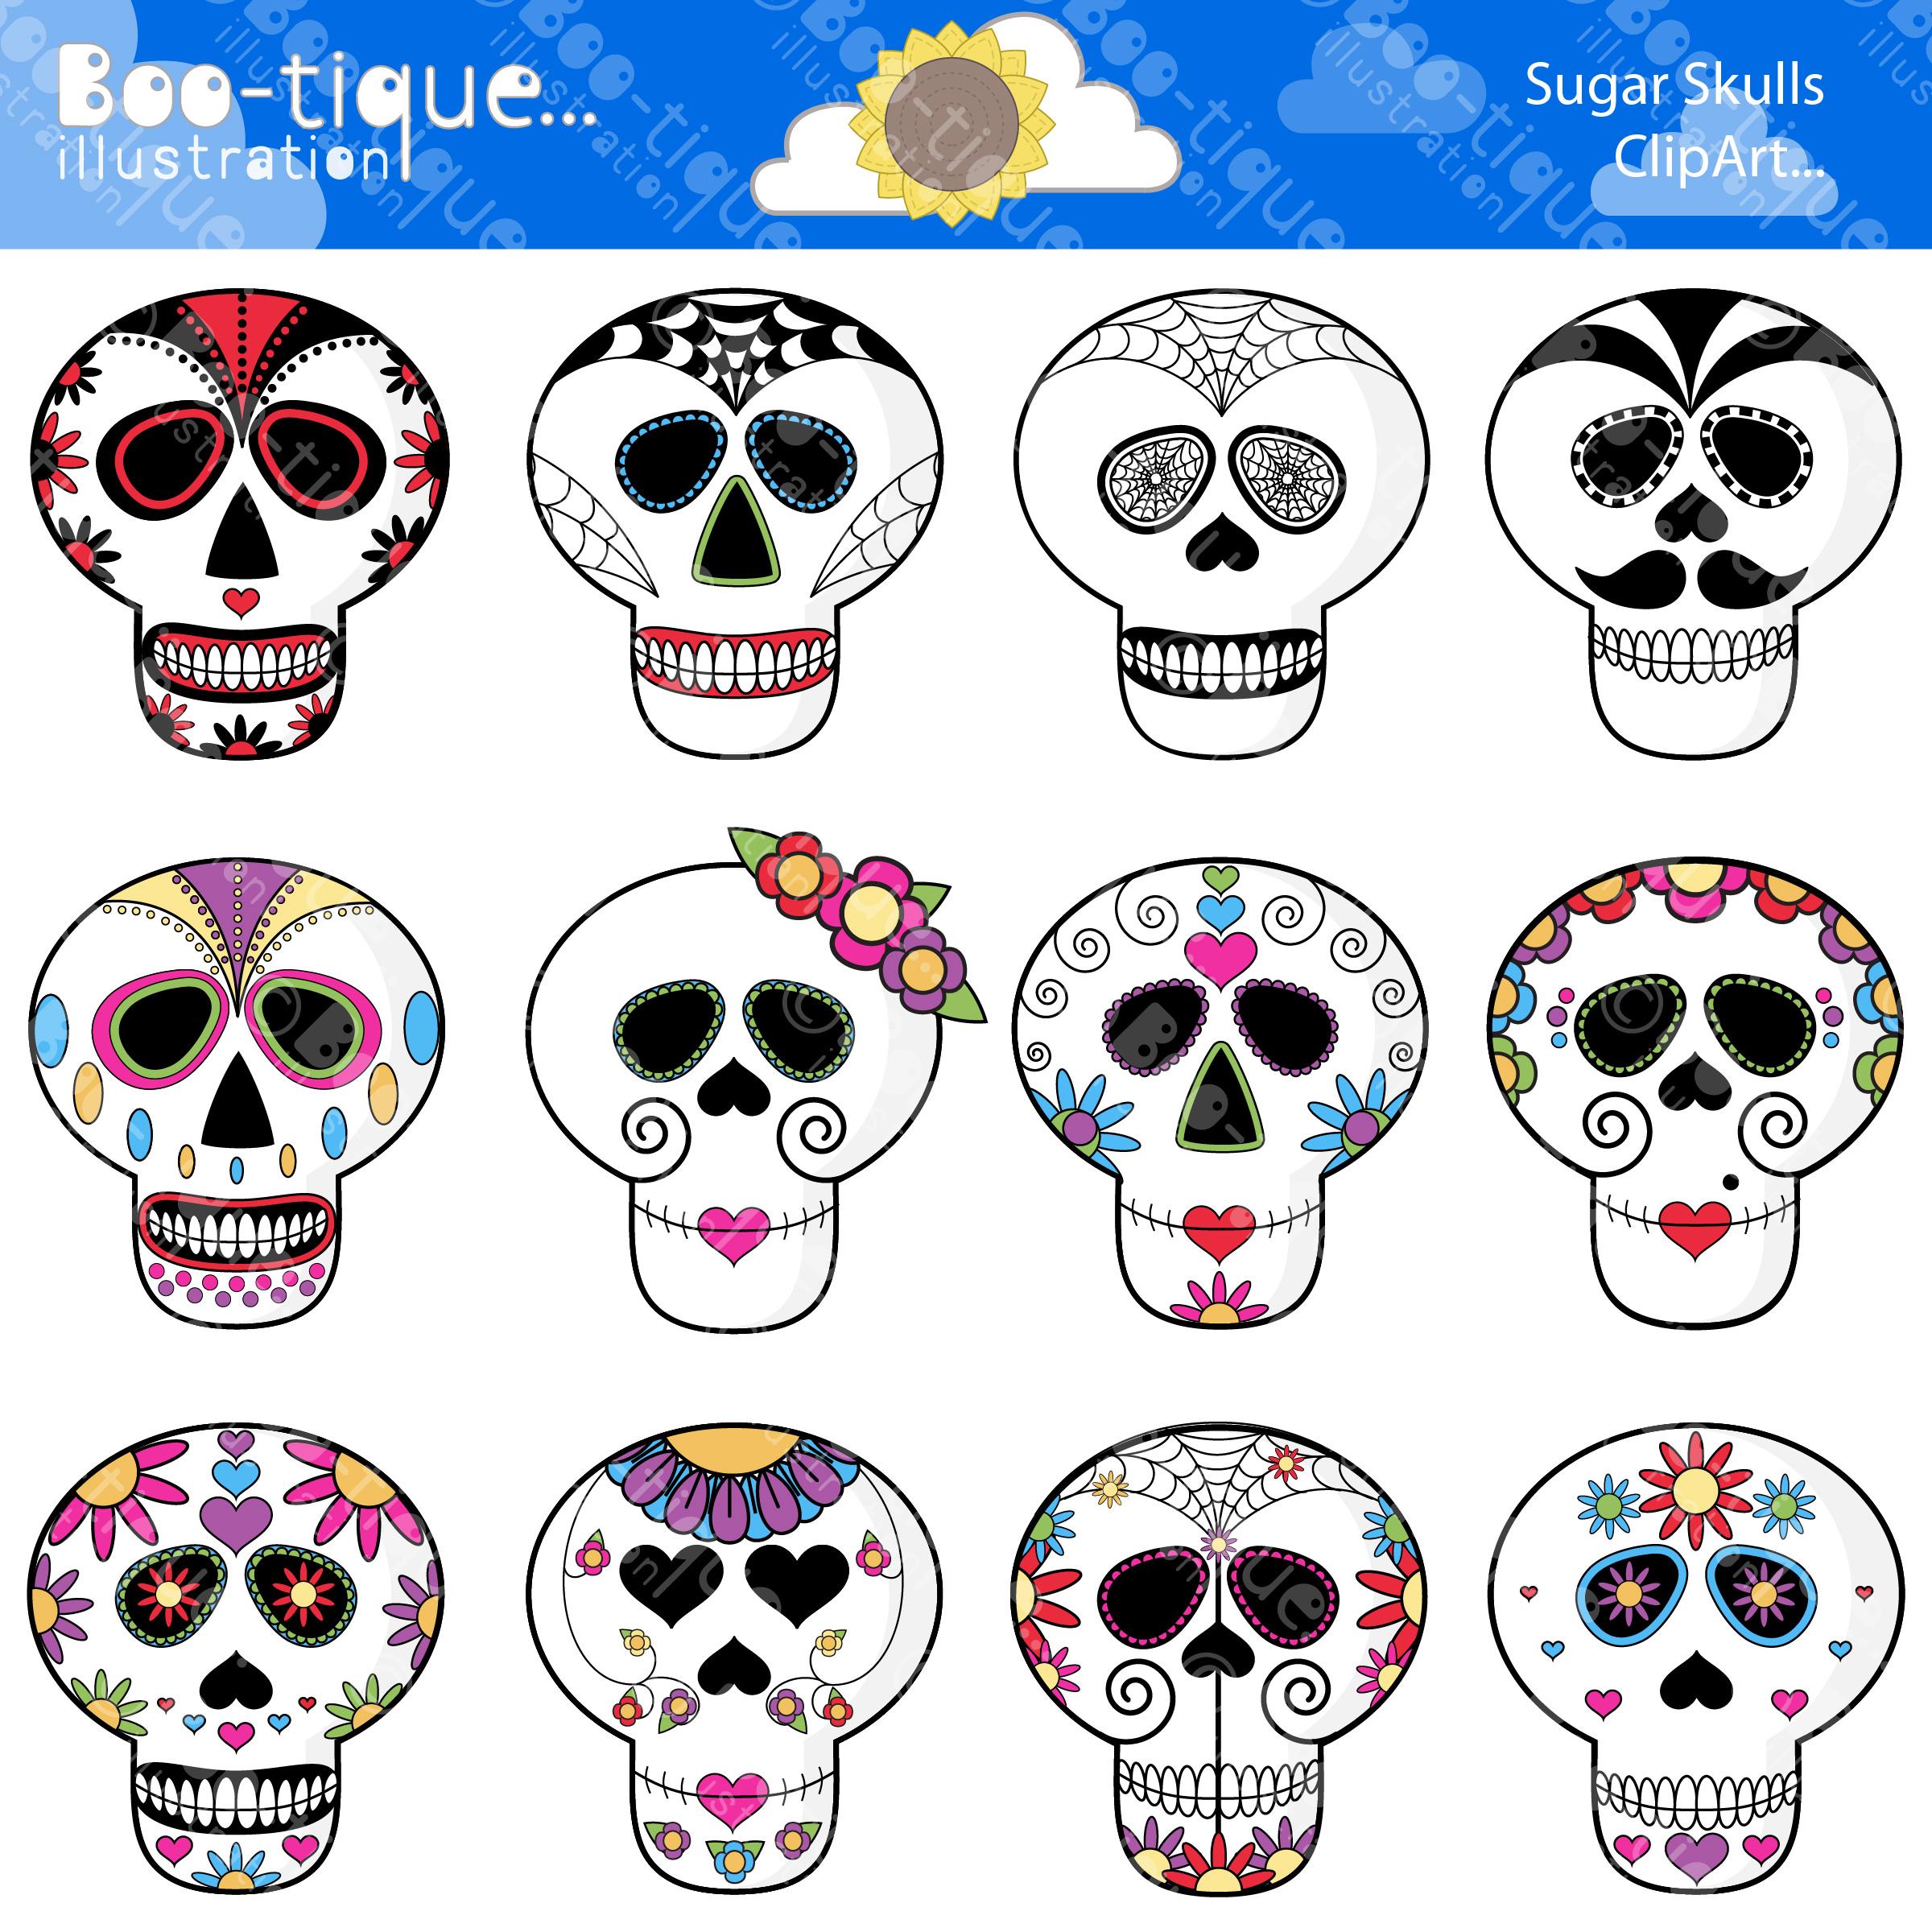 Sugar Skulls Digital Clipart.